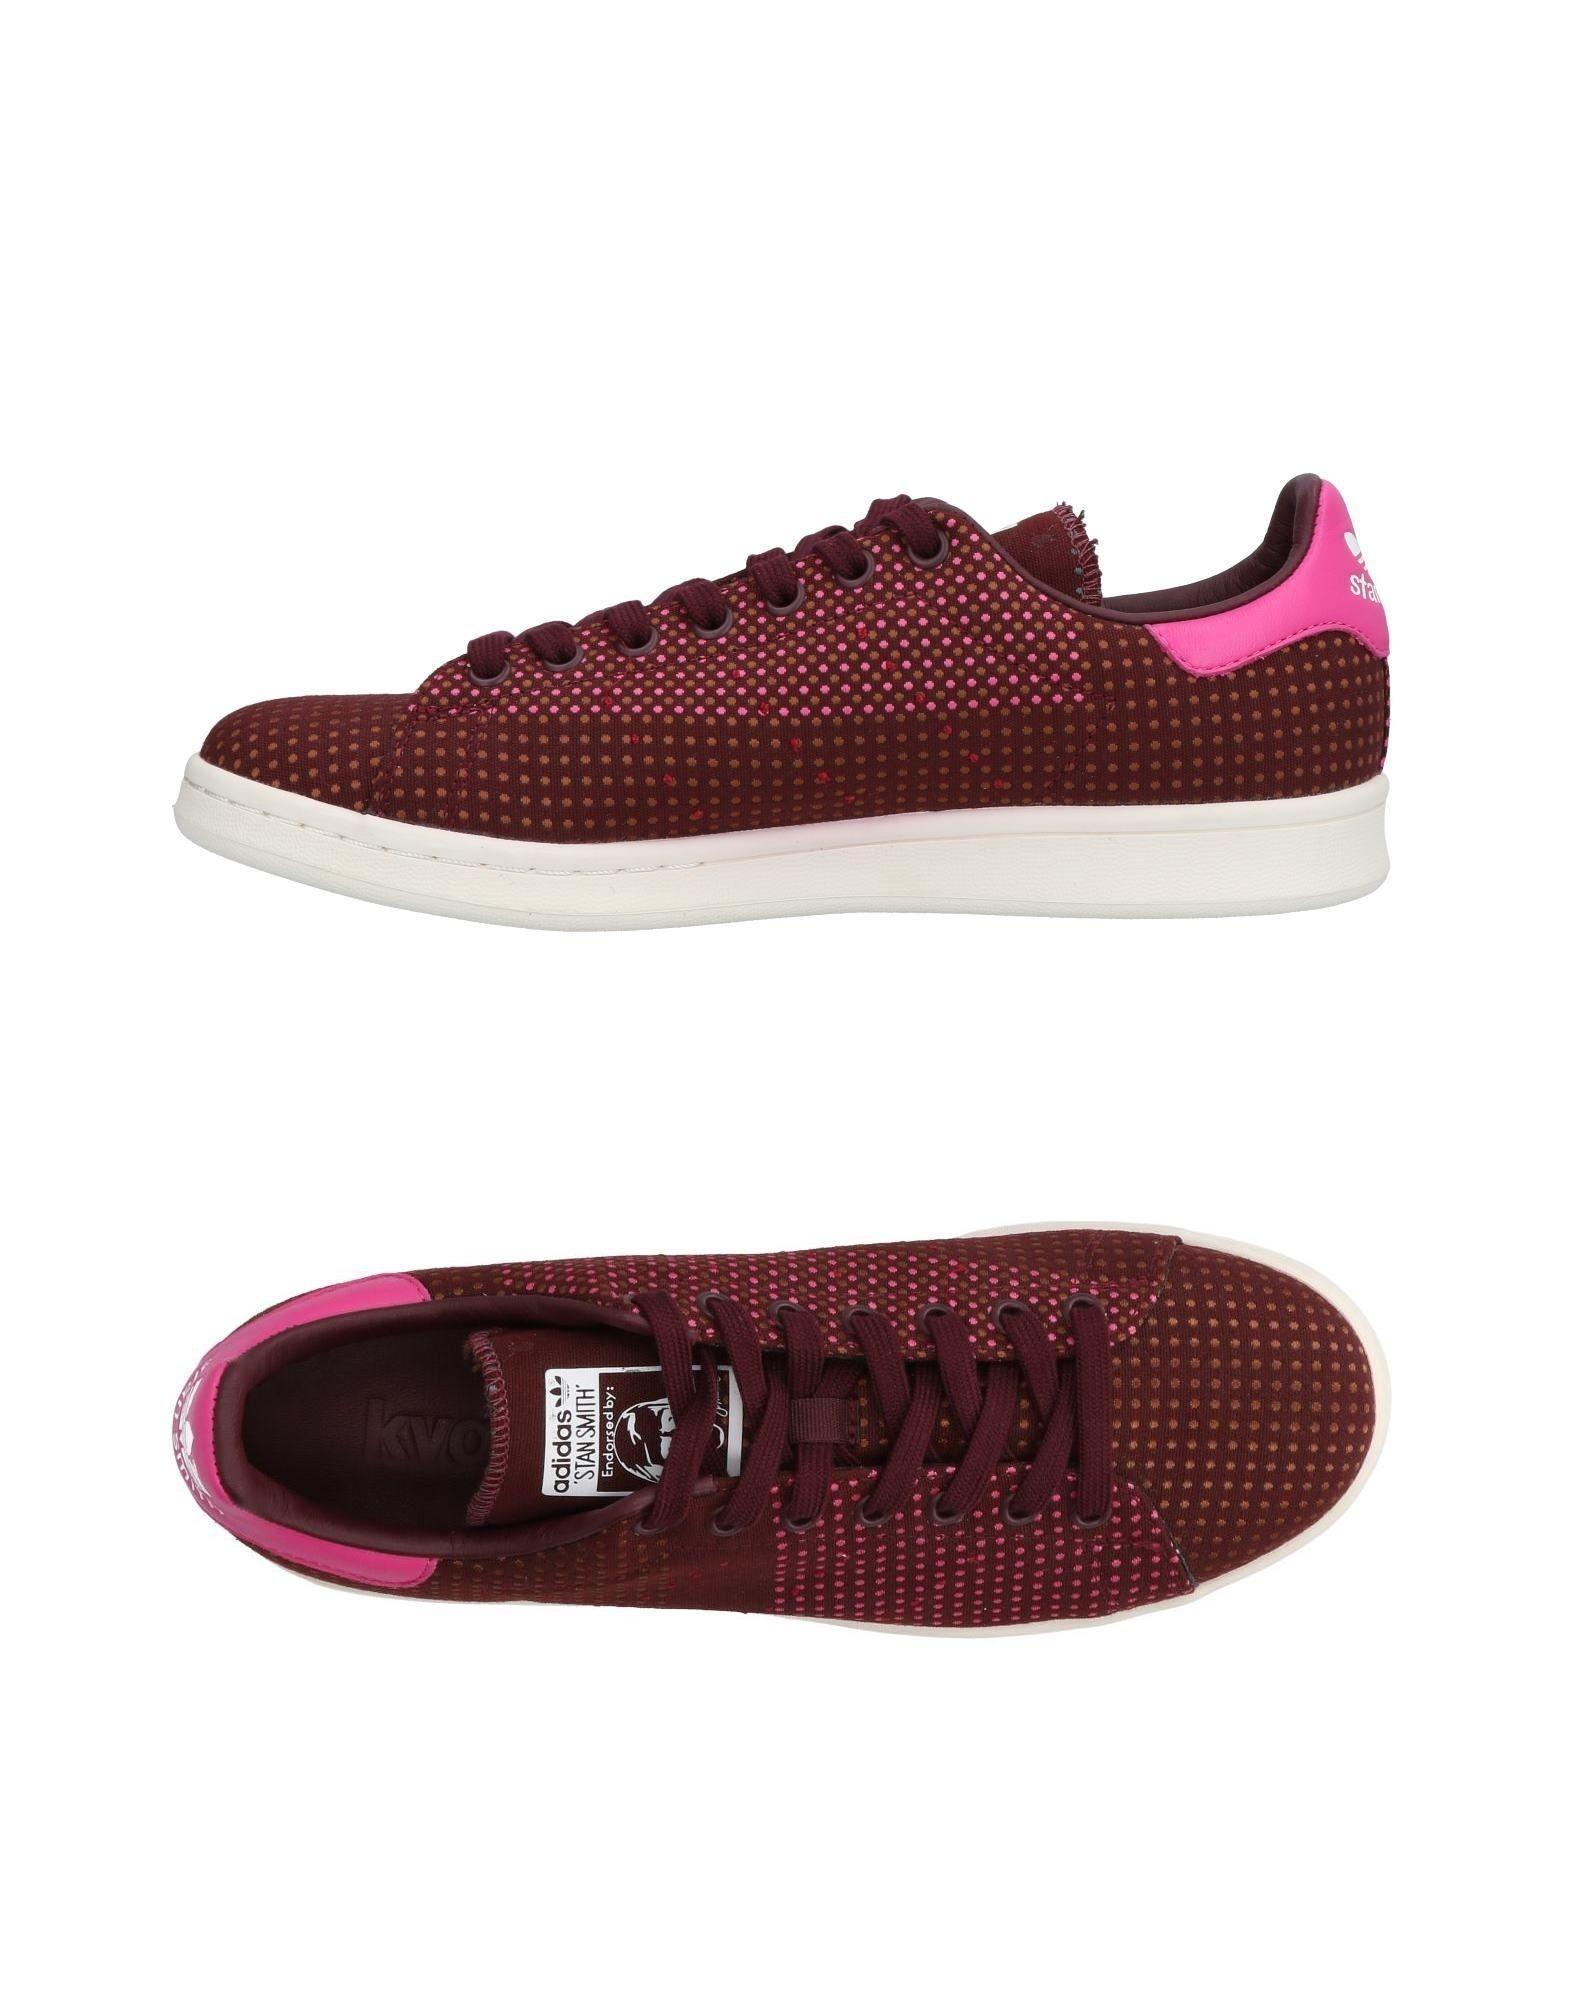 Adidas Originals In Maroon